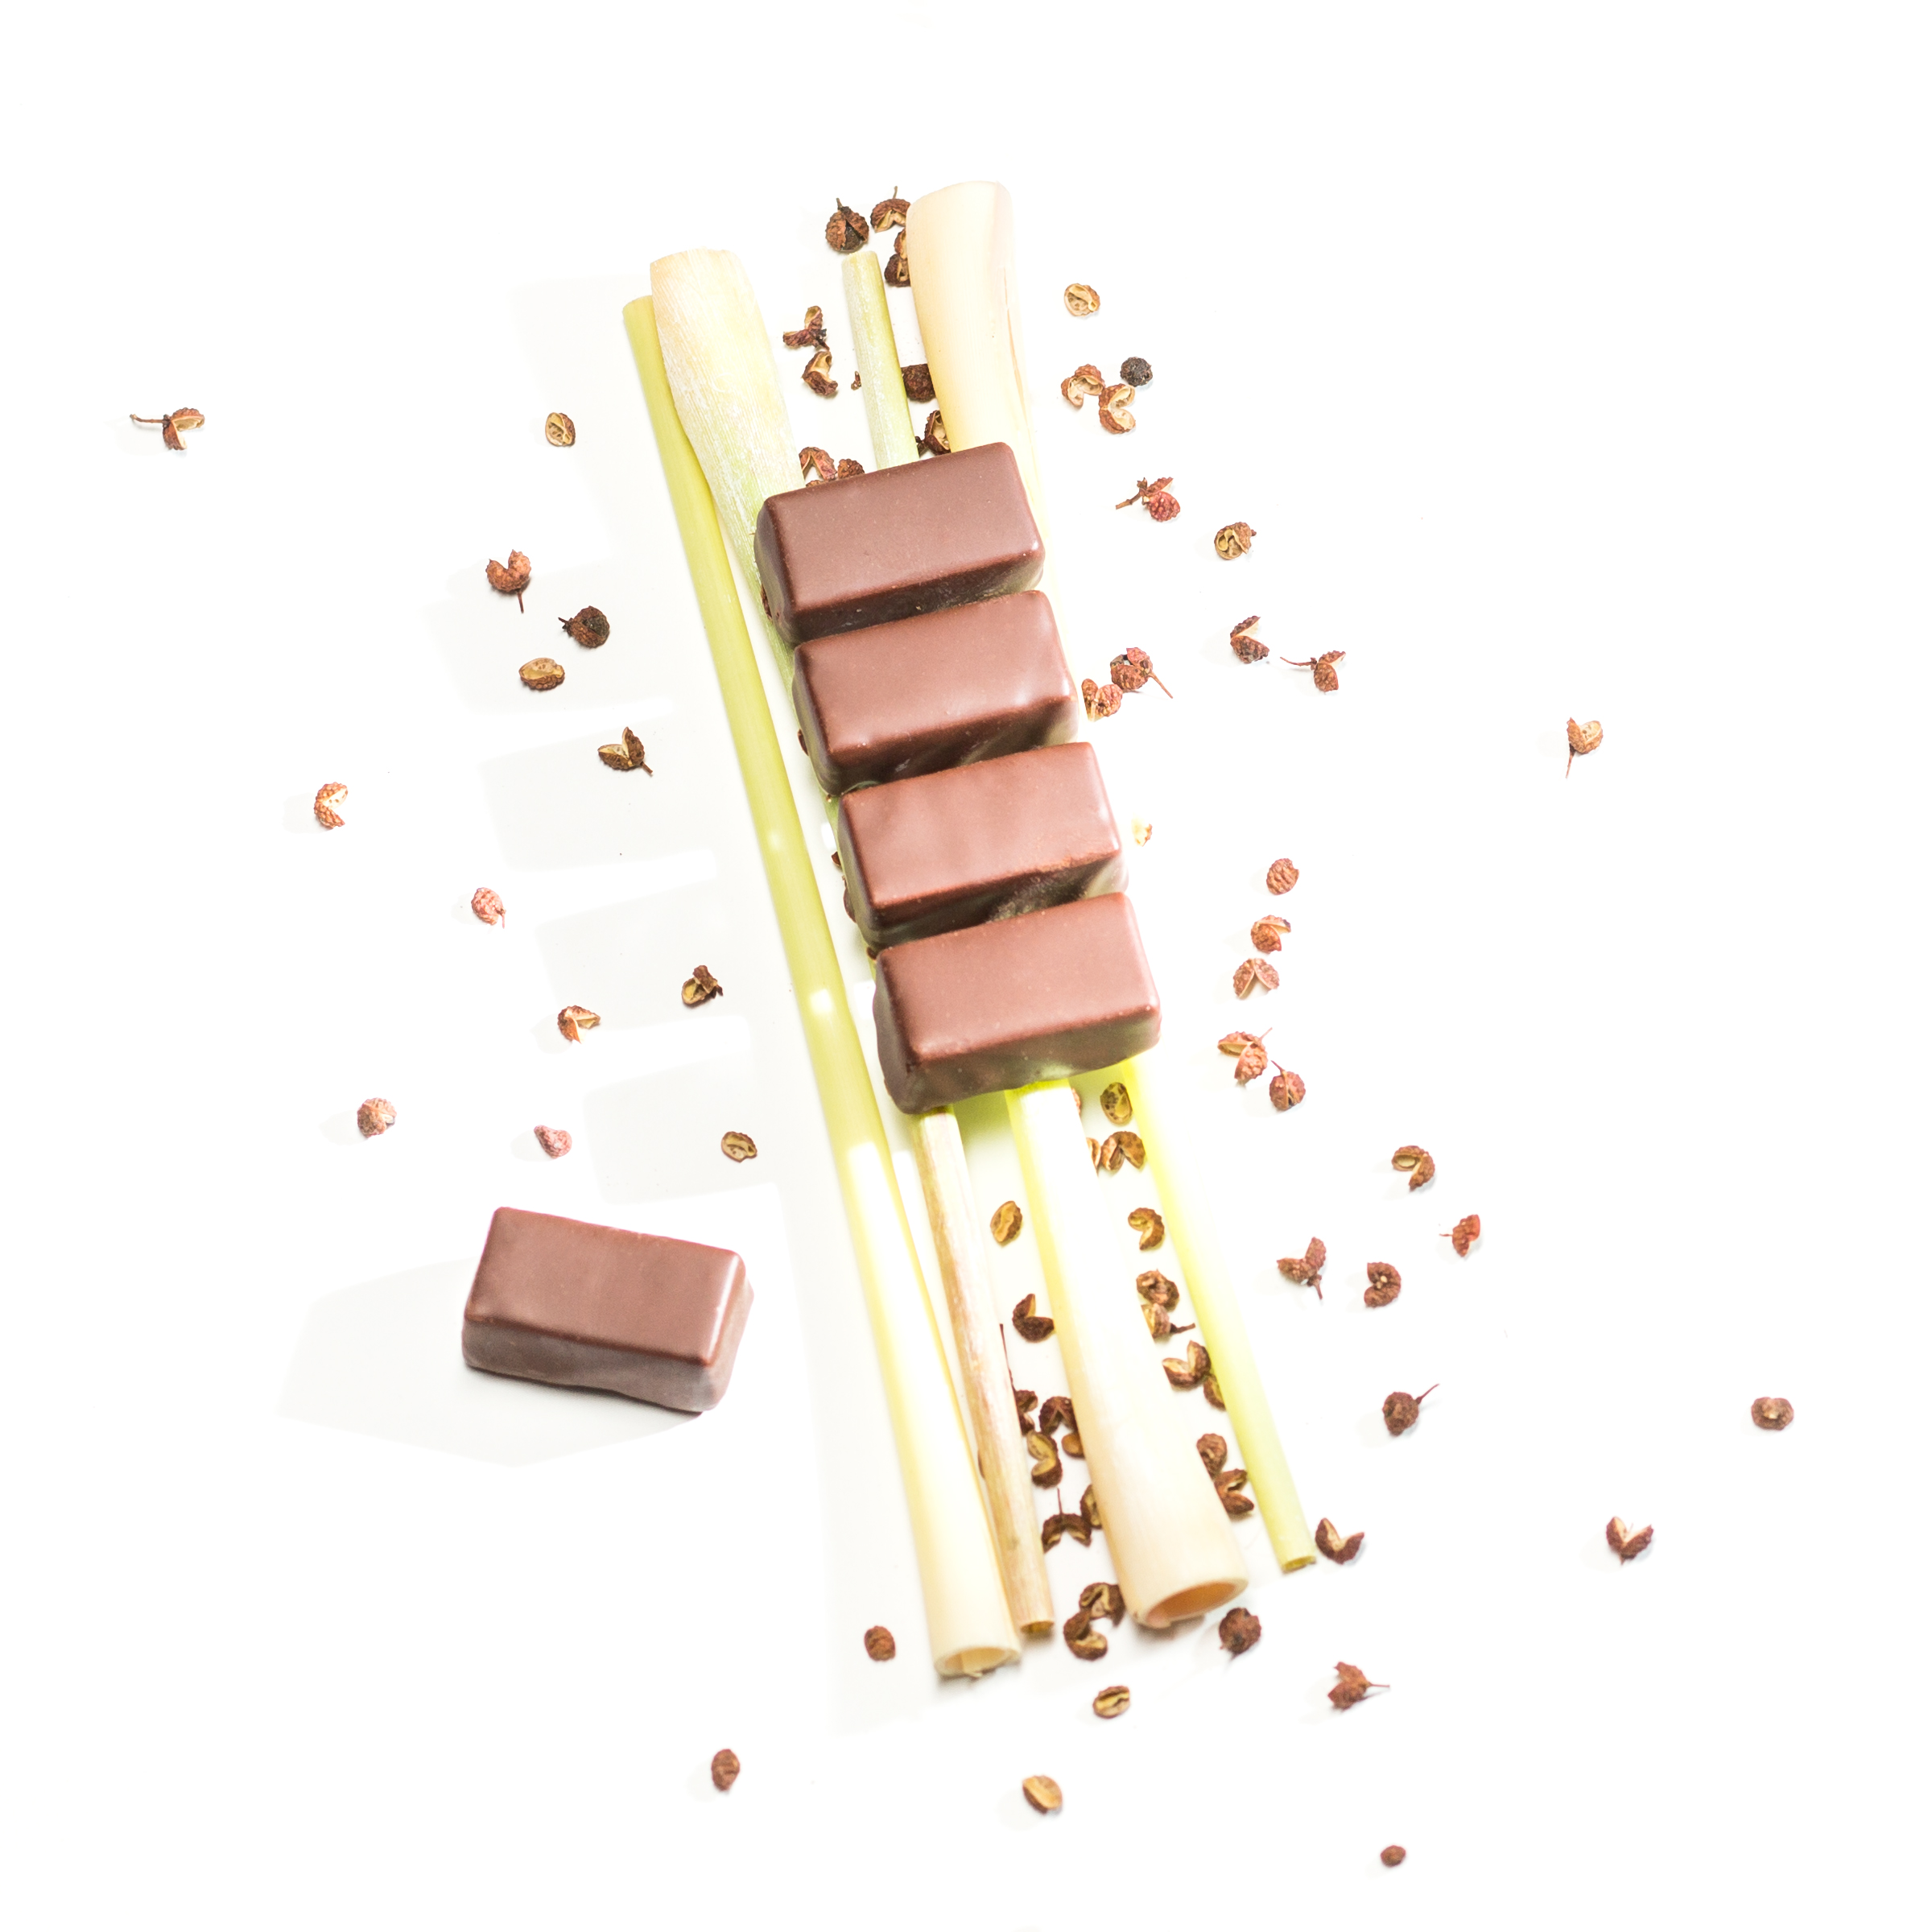 Zitronengras Szechuanpfeffer Schokolade